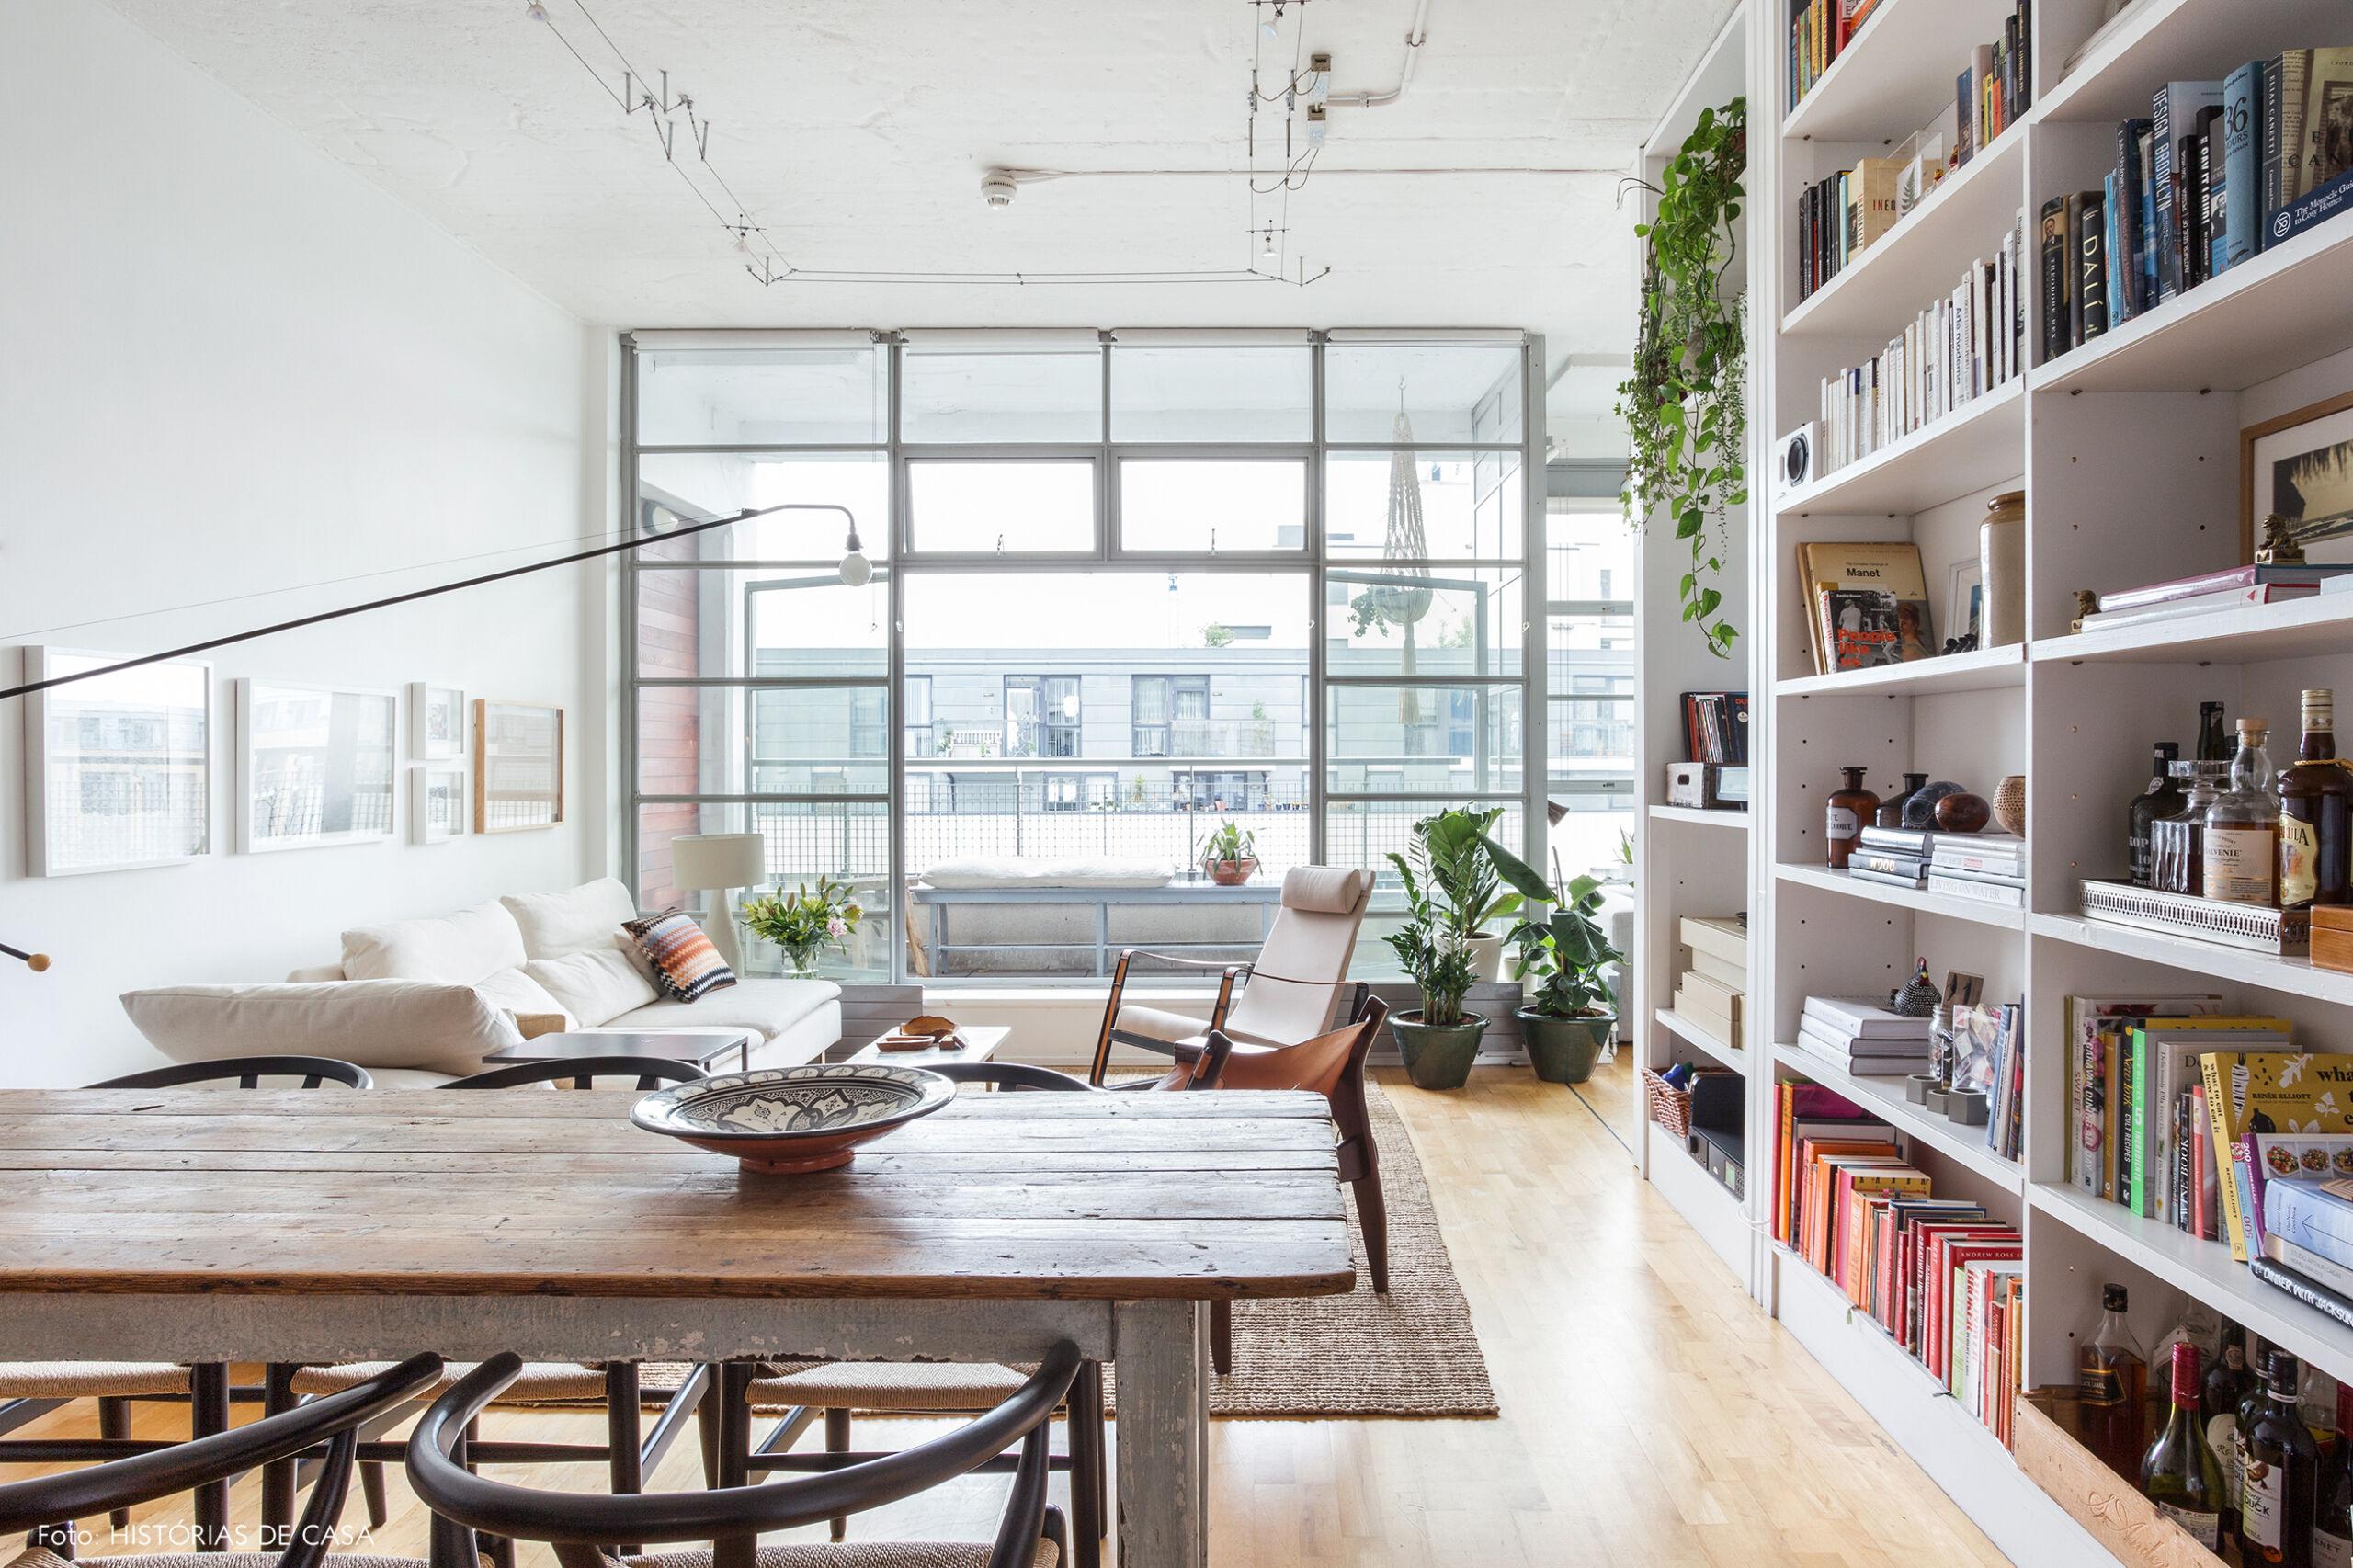 Apartamento com sala integrada e varanda envidraçada